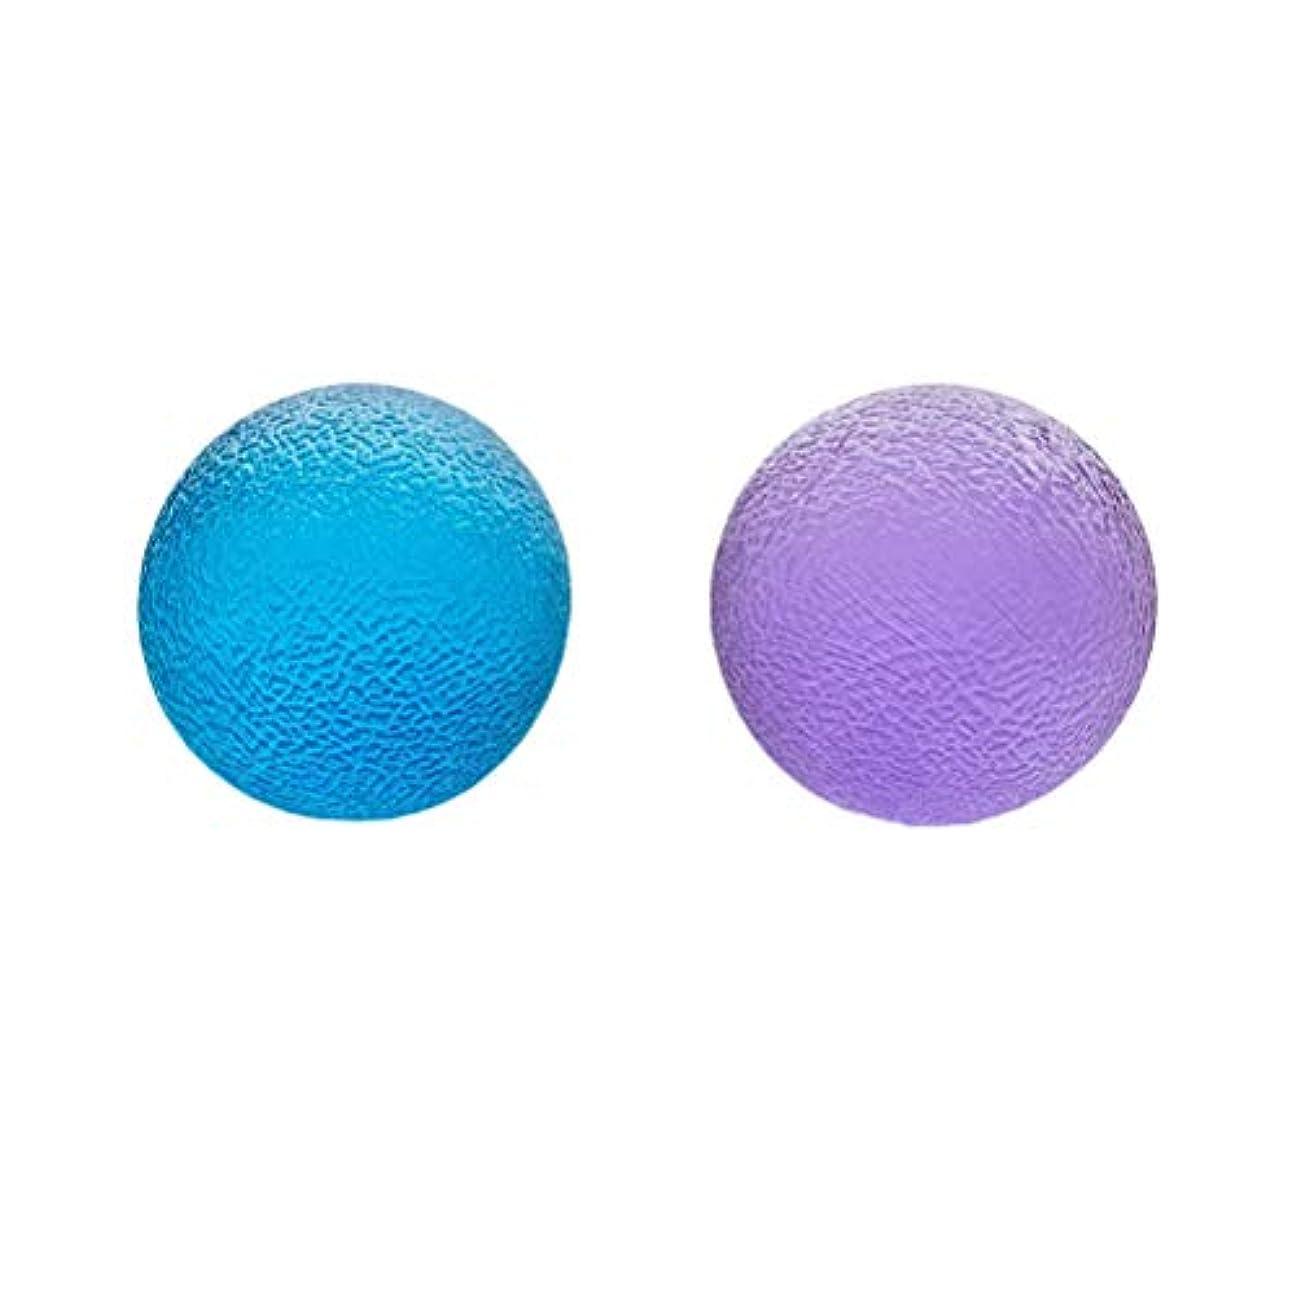 電話をかけるグラマー中Healifty ハンドストレスボールセラピーボールストレス解消のためにハンドグリップボールを絞る関節炎の痛みを軽減するセラピー強化治療2個(青と紫)